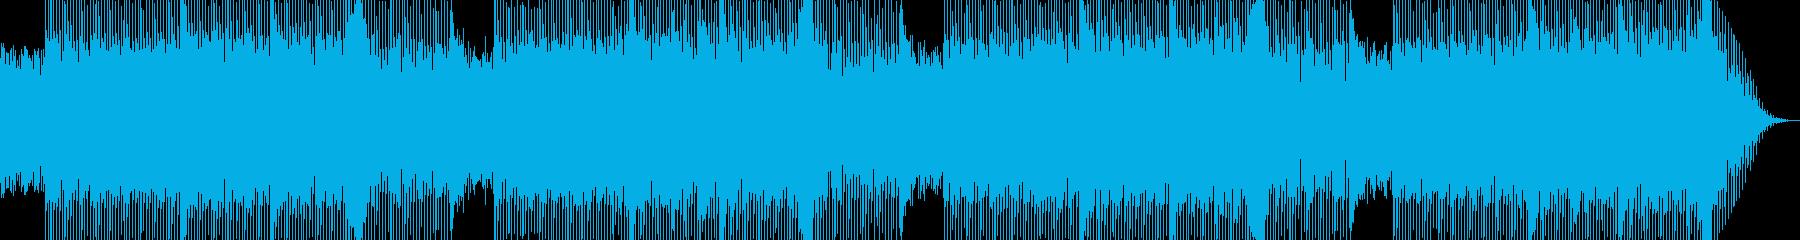 緊張感のある エレクトロ Epic調の再生済みの波形